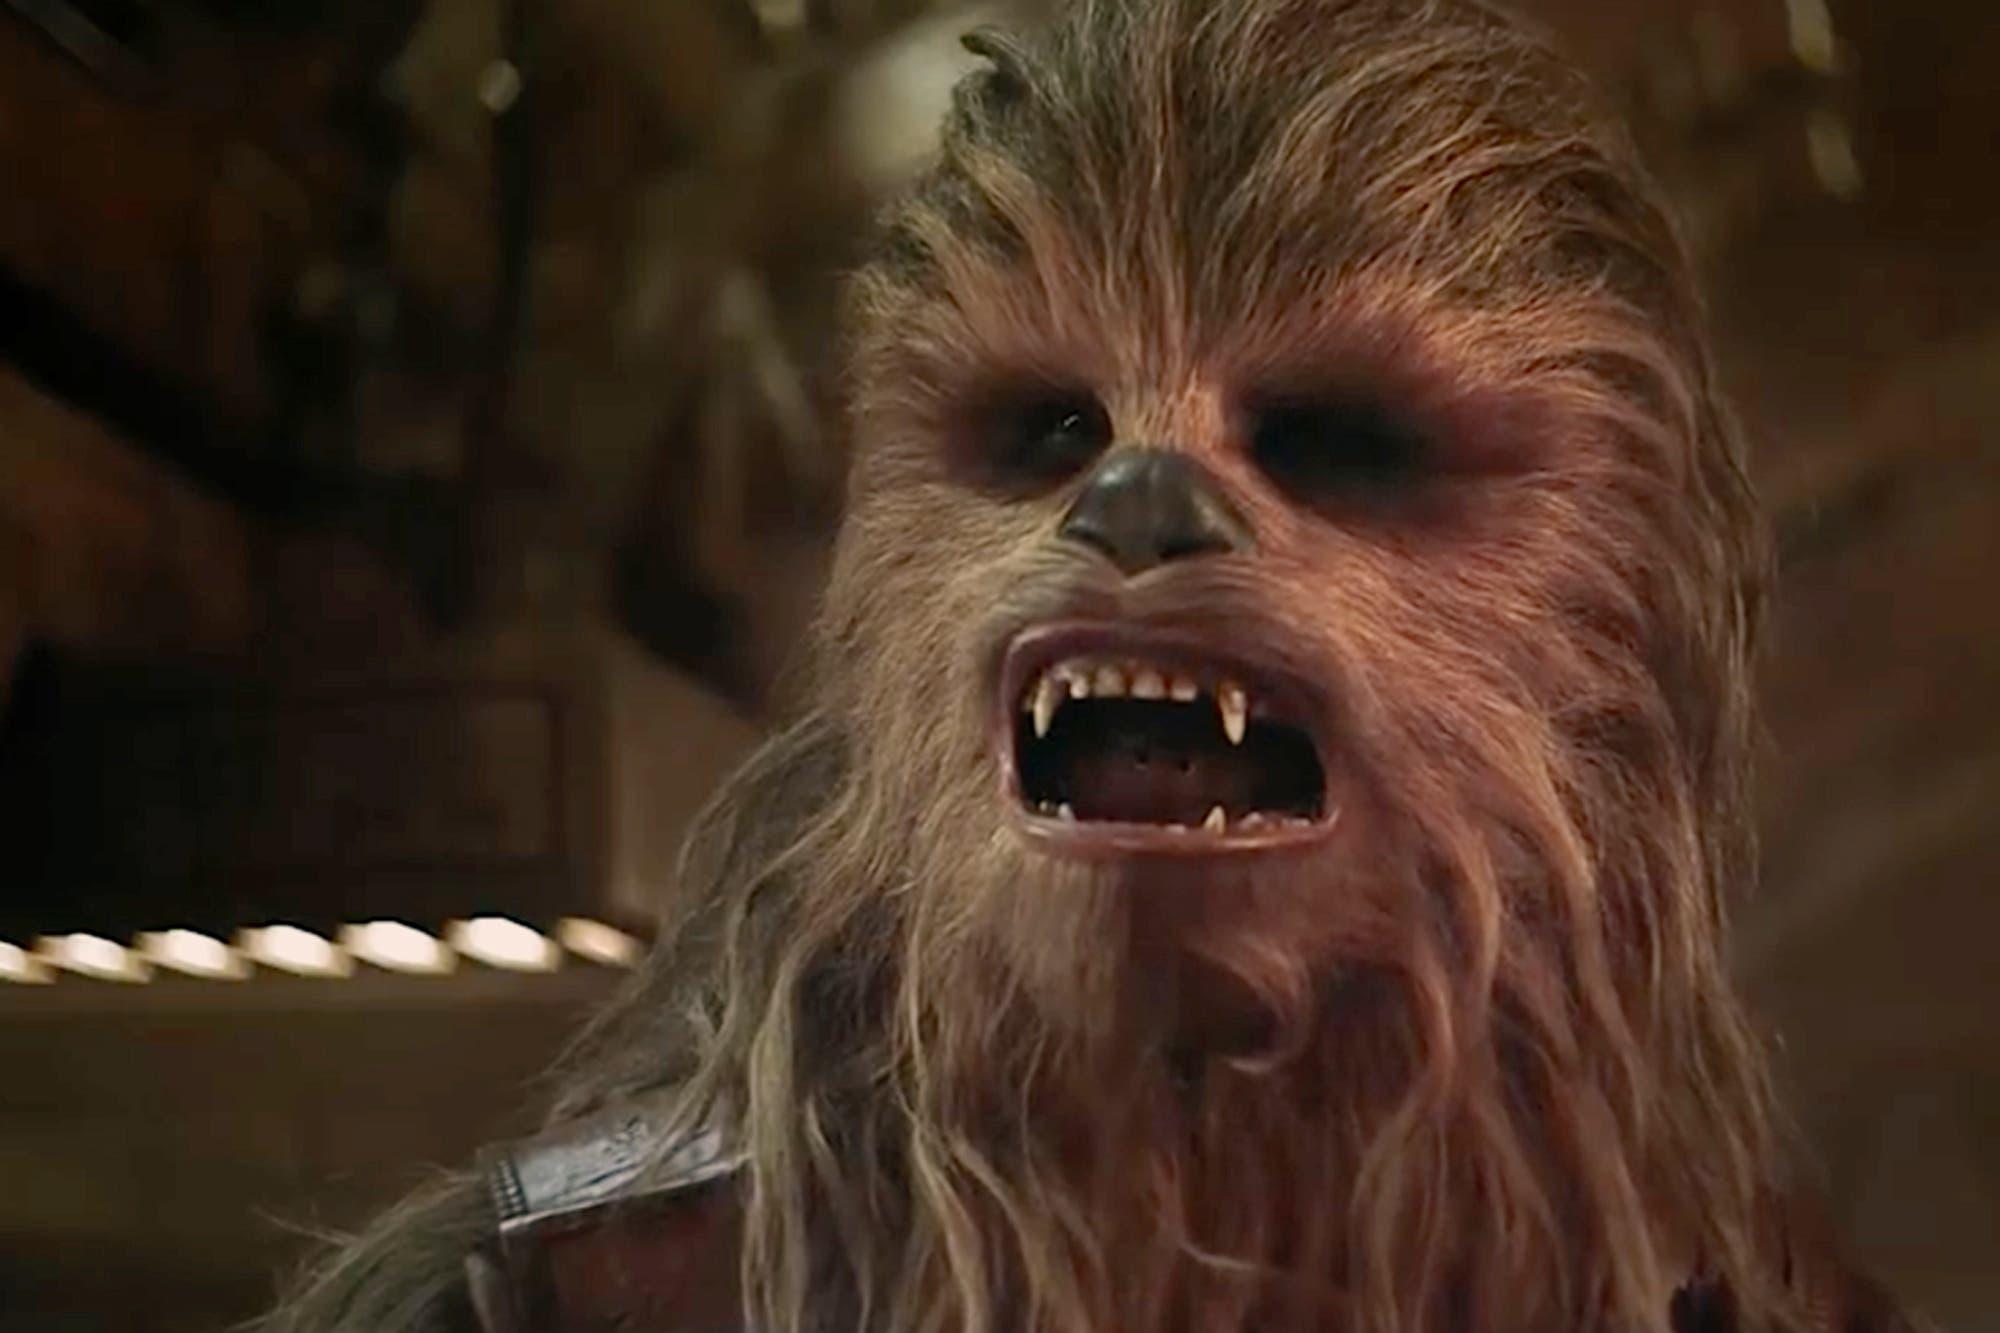 Murió Peter Mayhew, el actor detrás de la máscara de Chewbacca en Star Wars